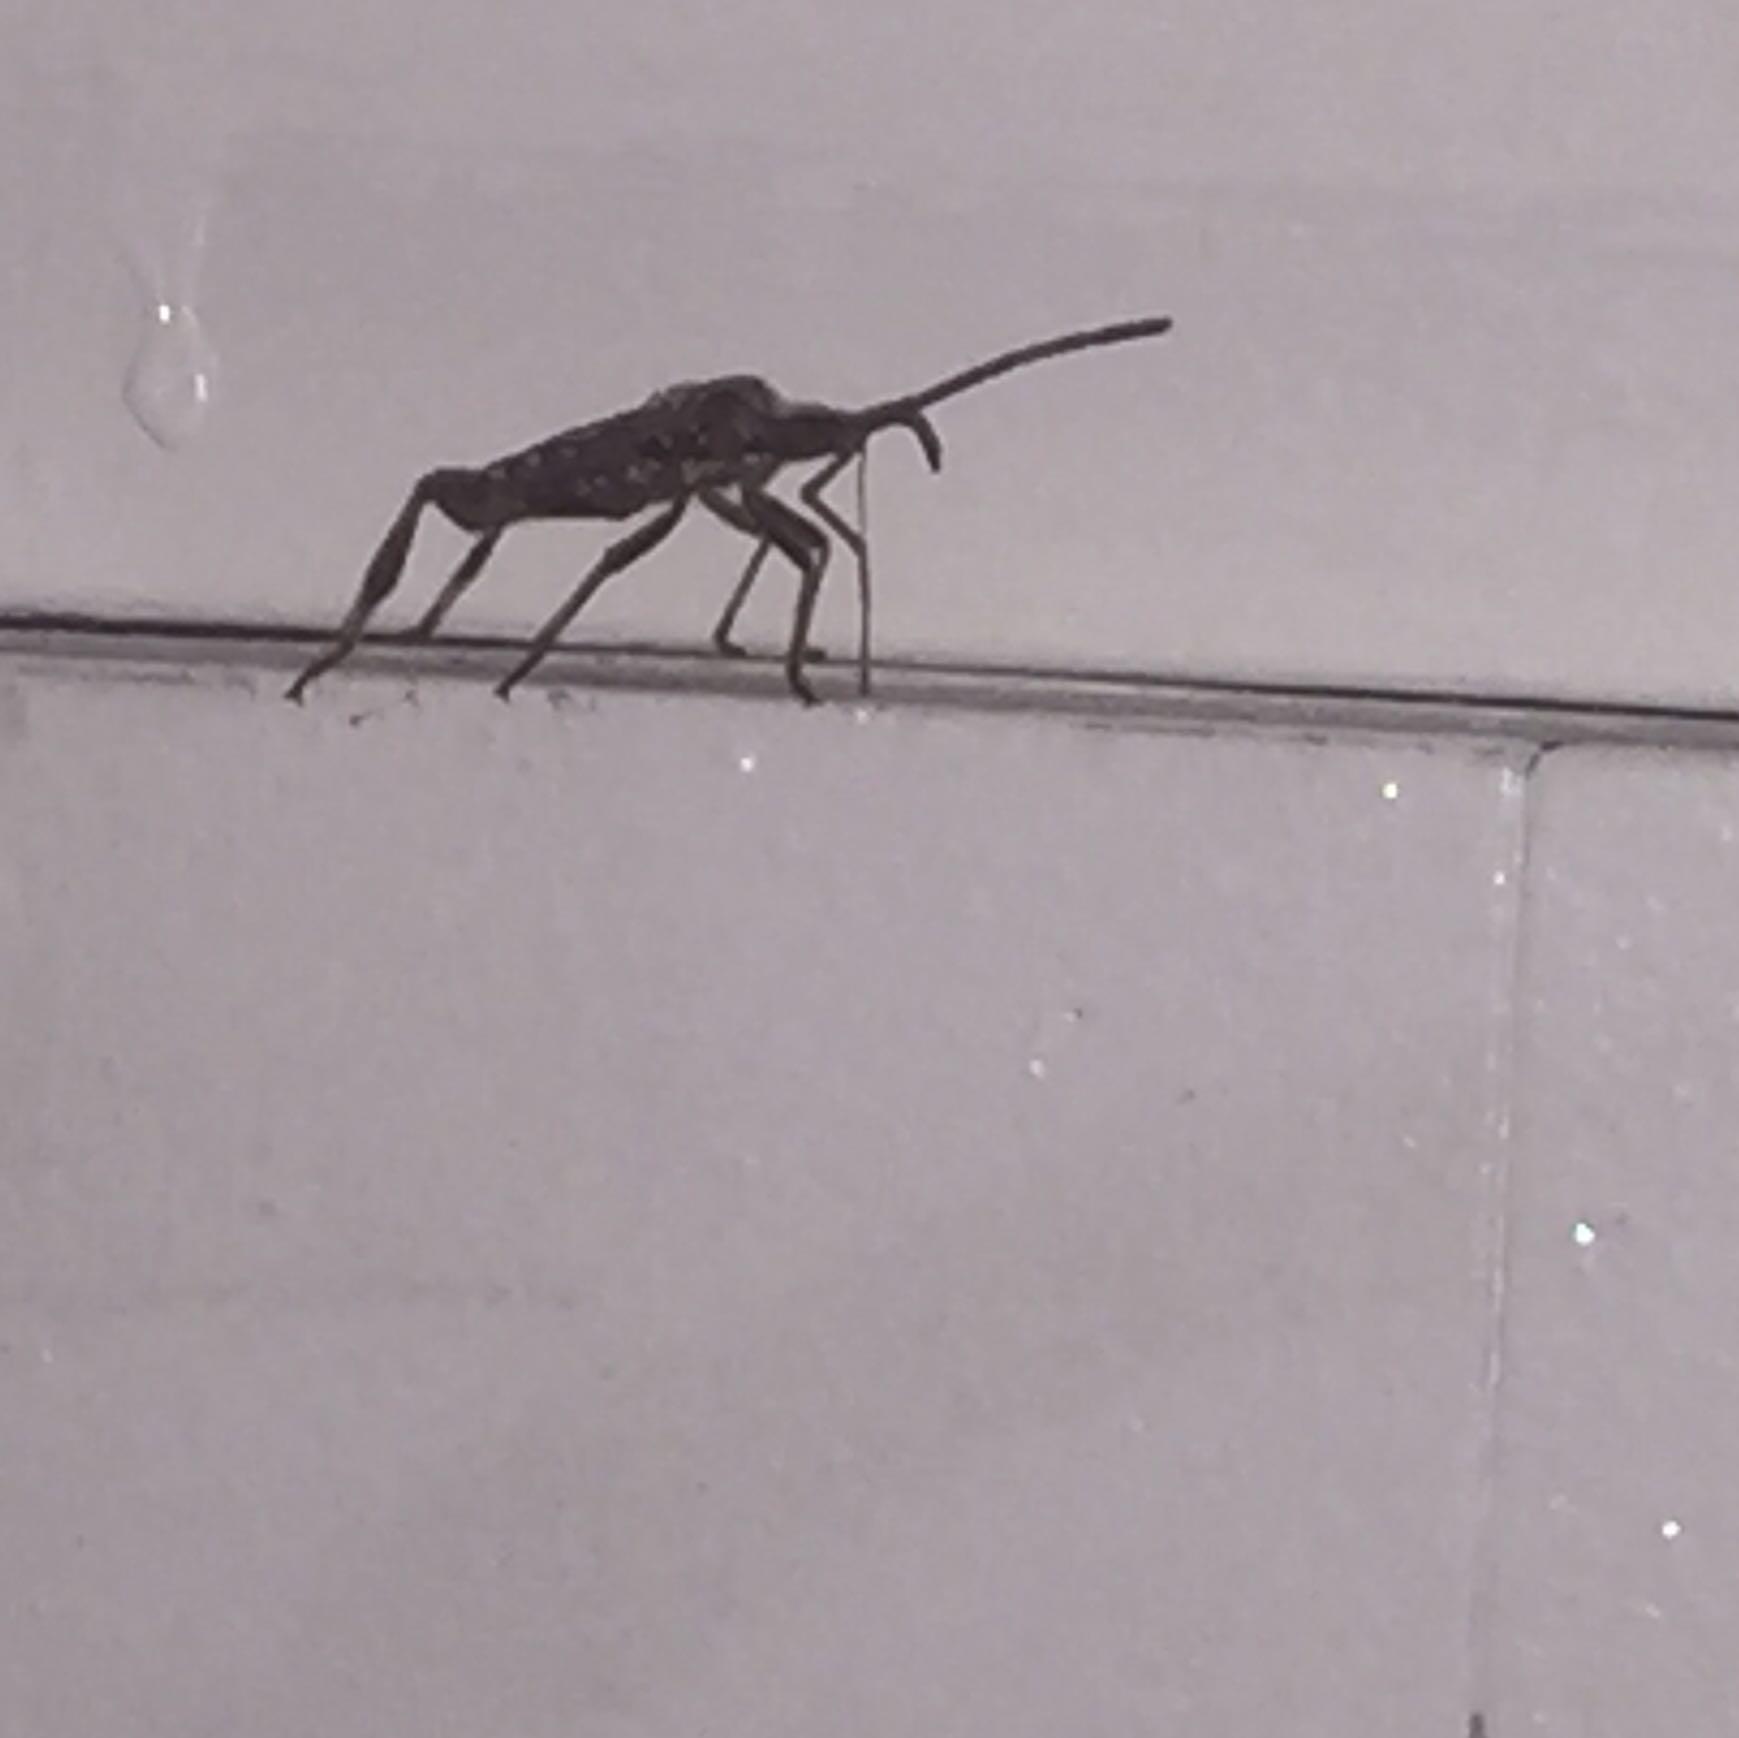 Hilfe ständig käfer in meinem zimmer? (braun, groß, gestank)